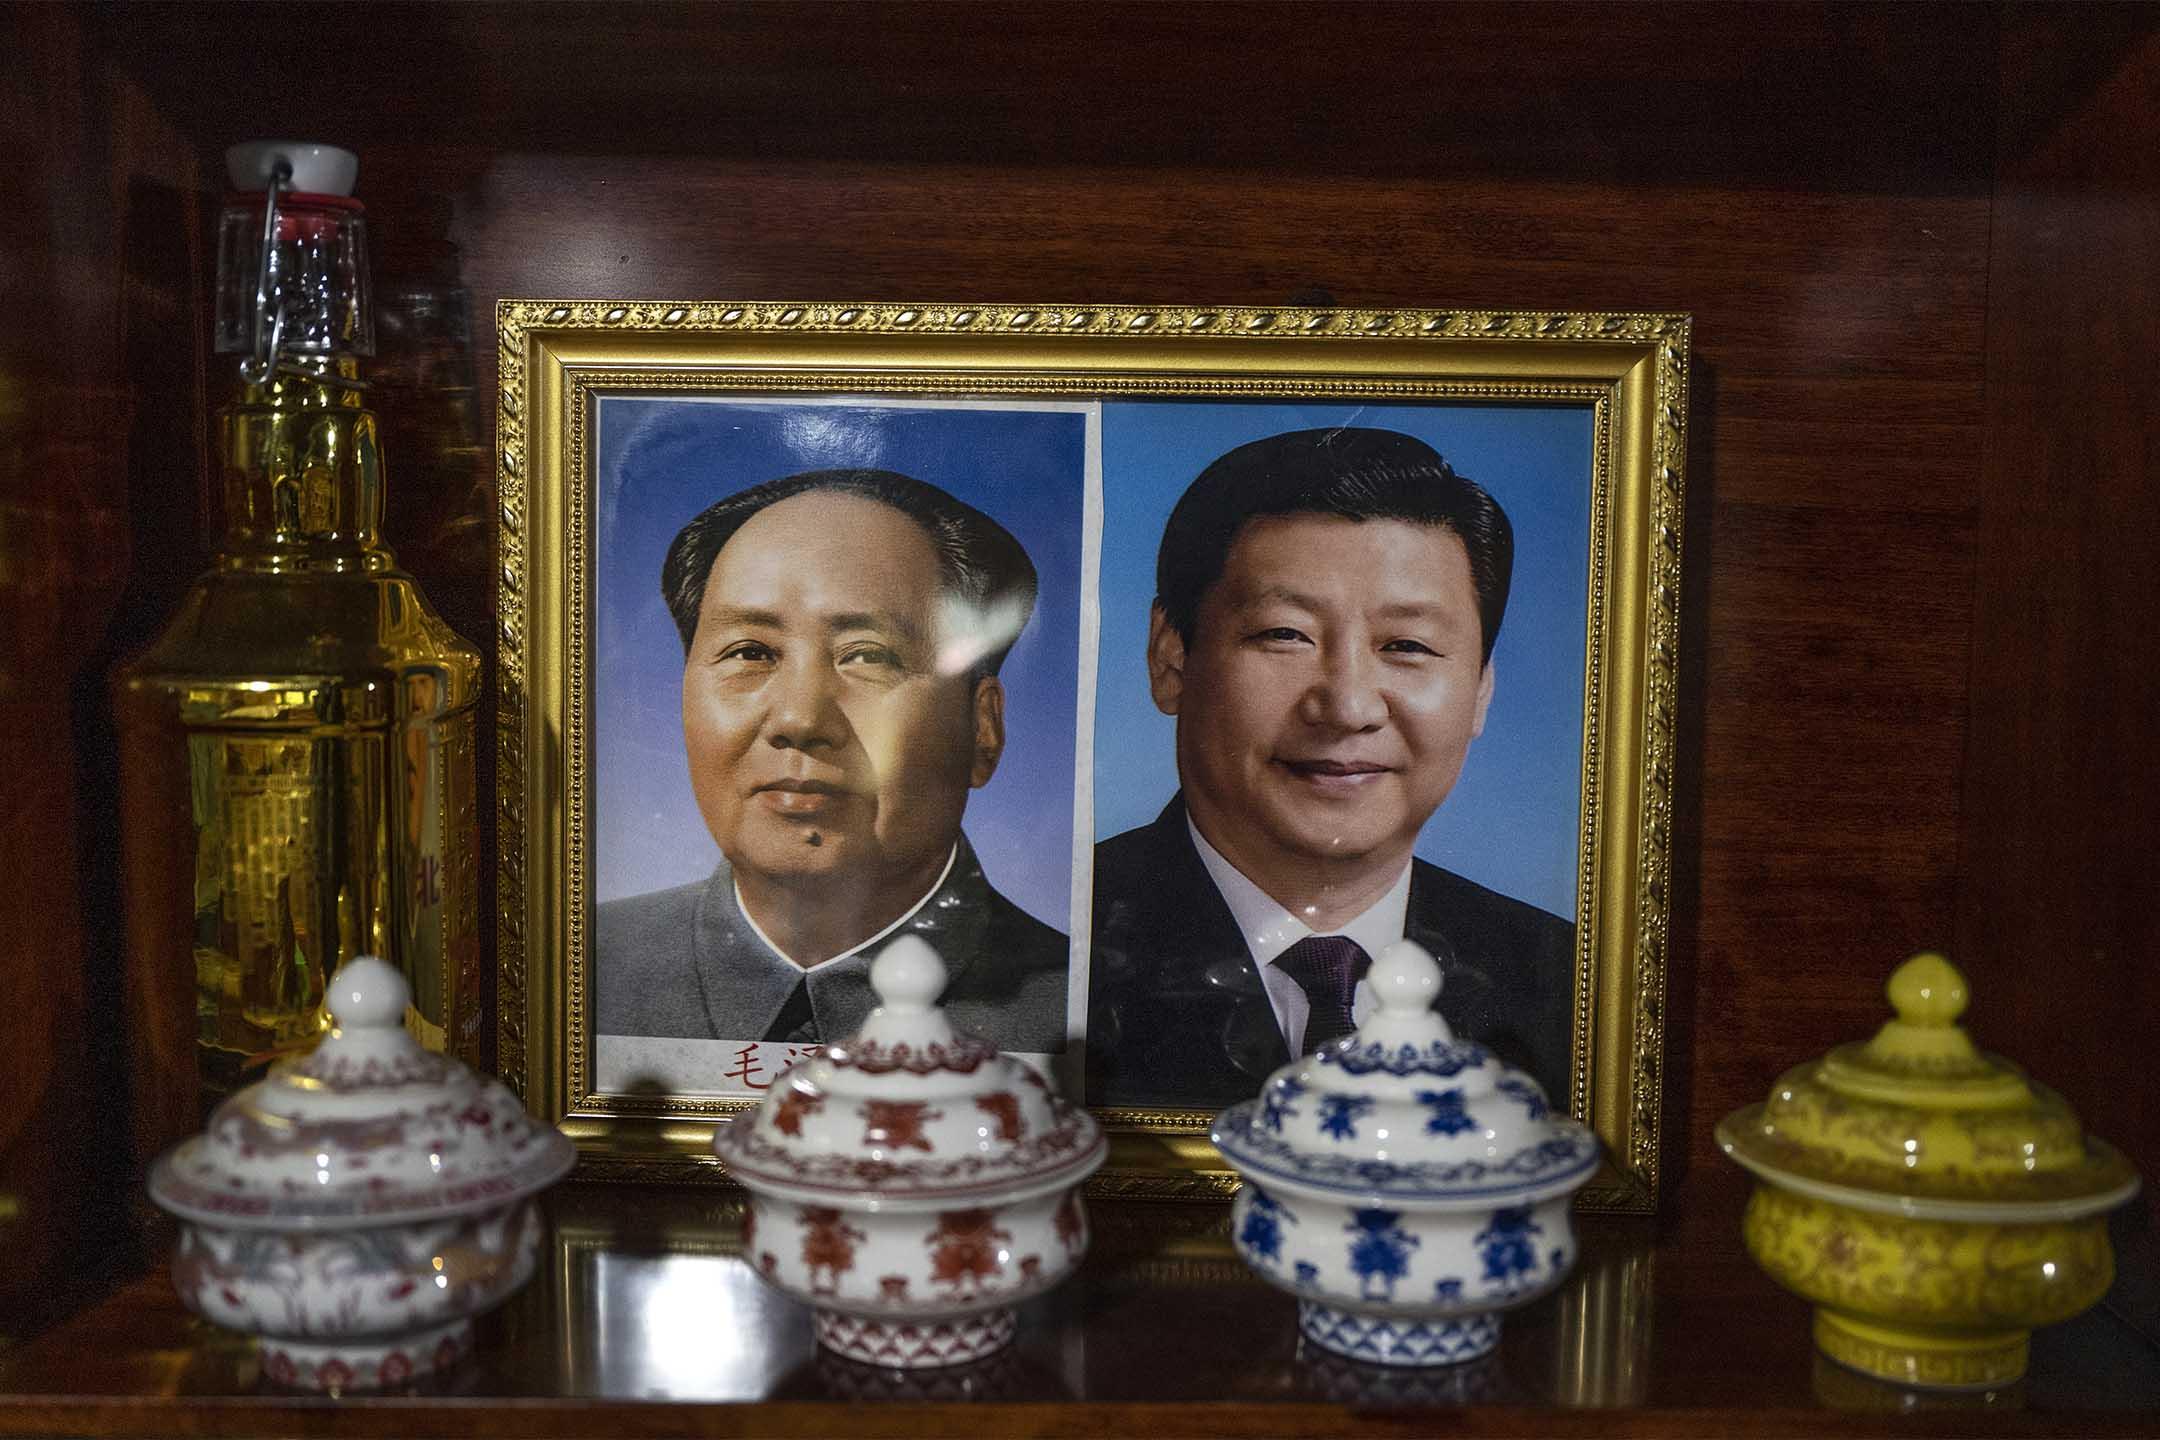 2021年6月4日中國西藏自治區,習近平主席和毛澤東主席的照片在一家藏族民宿中。